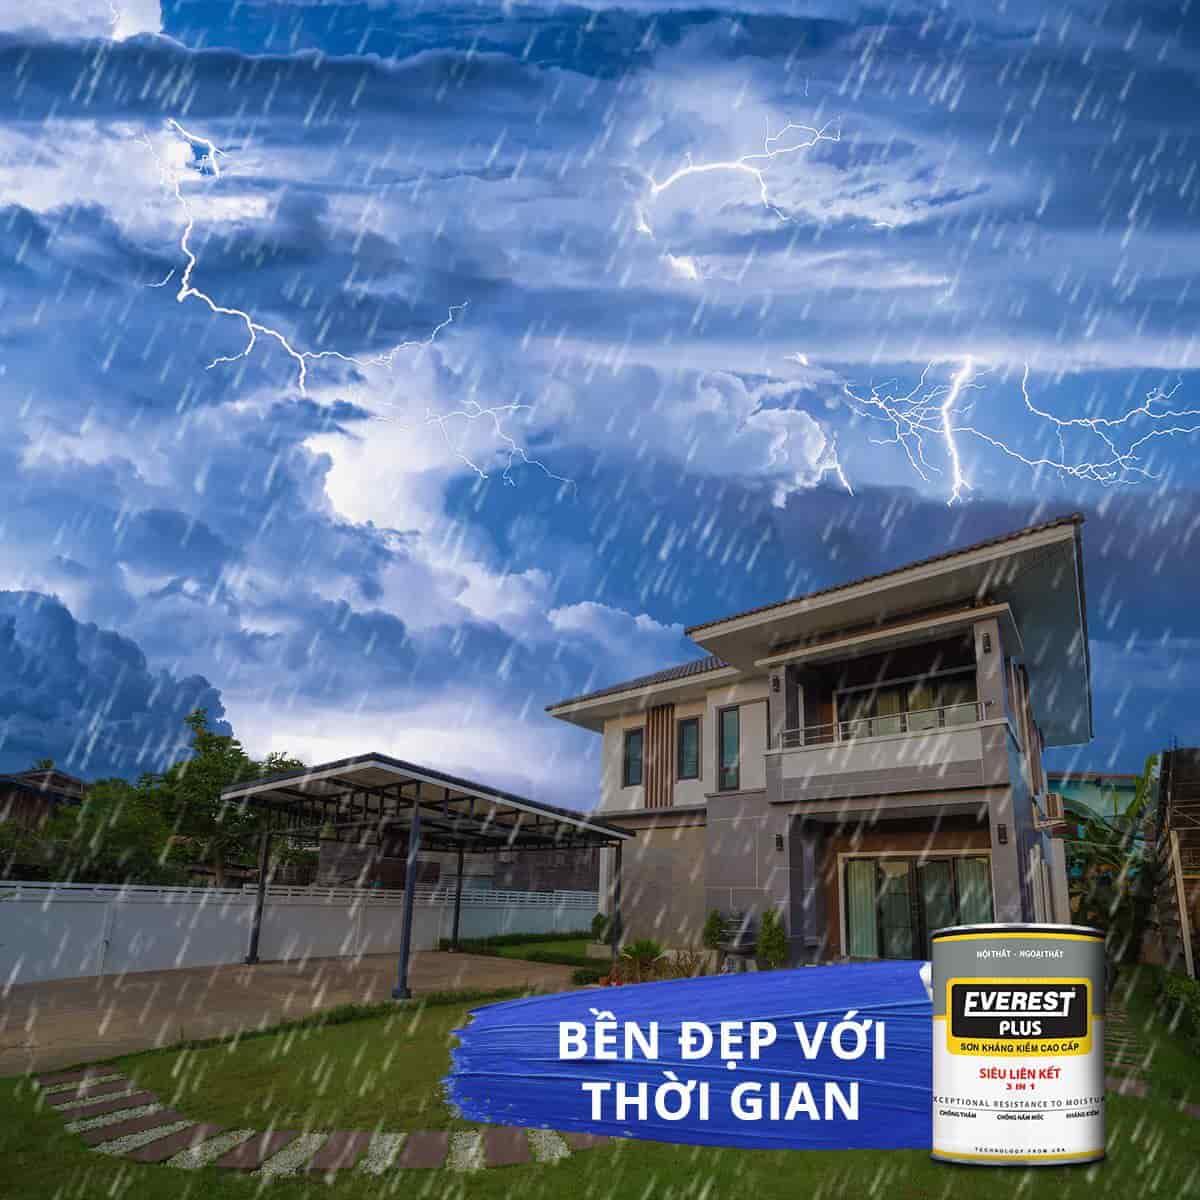 Sơn Everest - Công ty Cổ phần Sơn Everest TDD Việt Nam